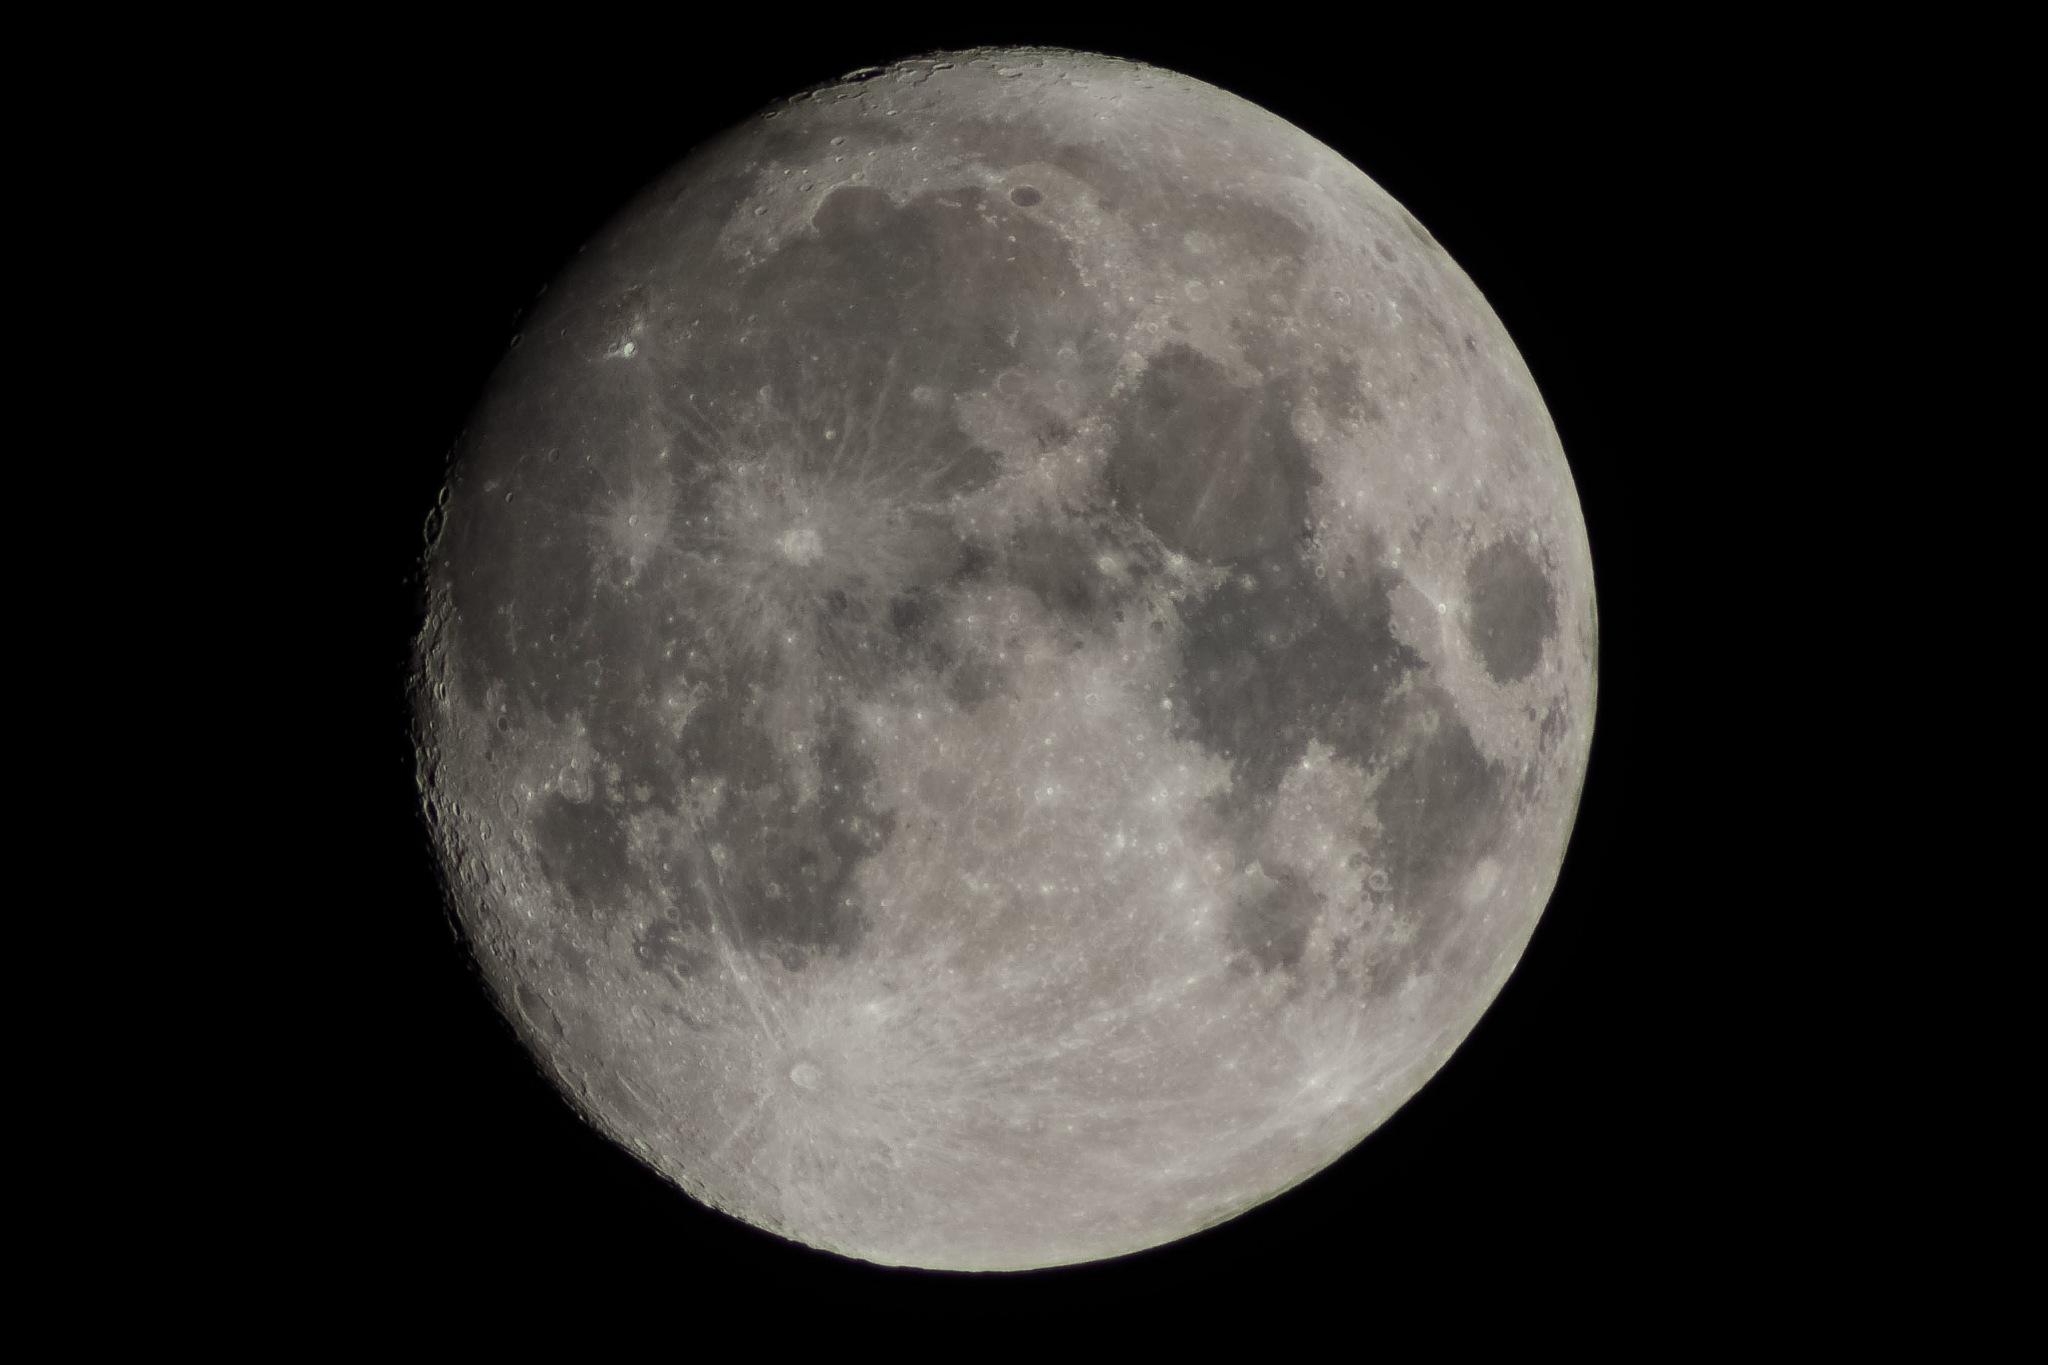 The moon by Sergej Pril